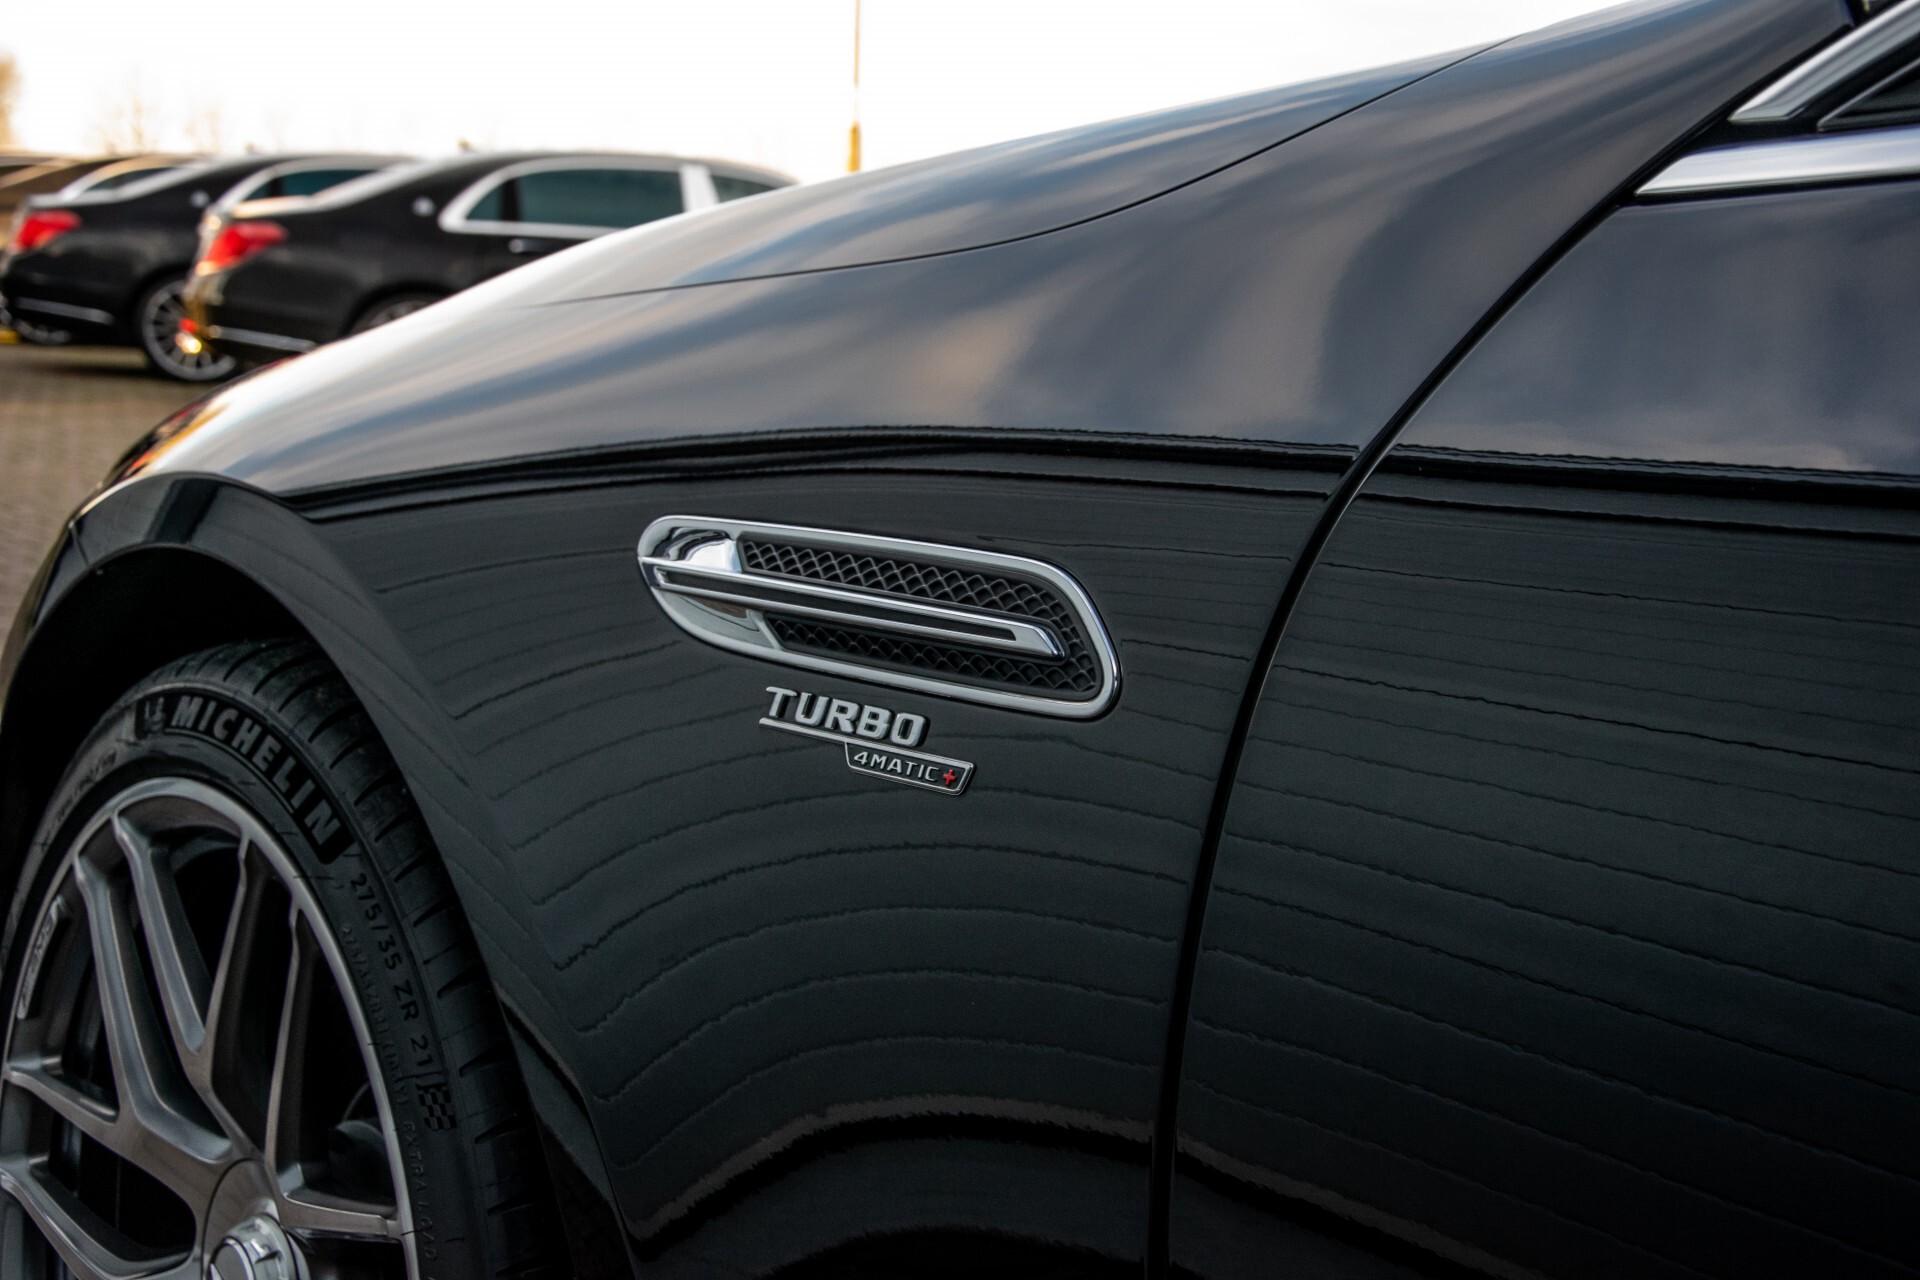 """Mercedes-Benz AMG GT 4-Door Coupe 43 4M+ 21""""/Performance Uitlaat/Massage/Rij-assist/Keyless/Burmester/5-persoons Aut9 Foto 59"""